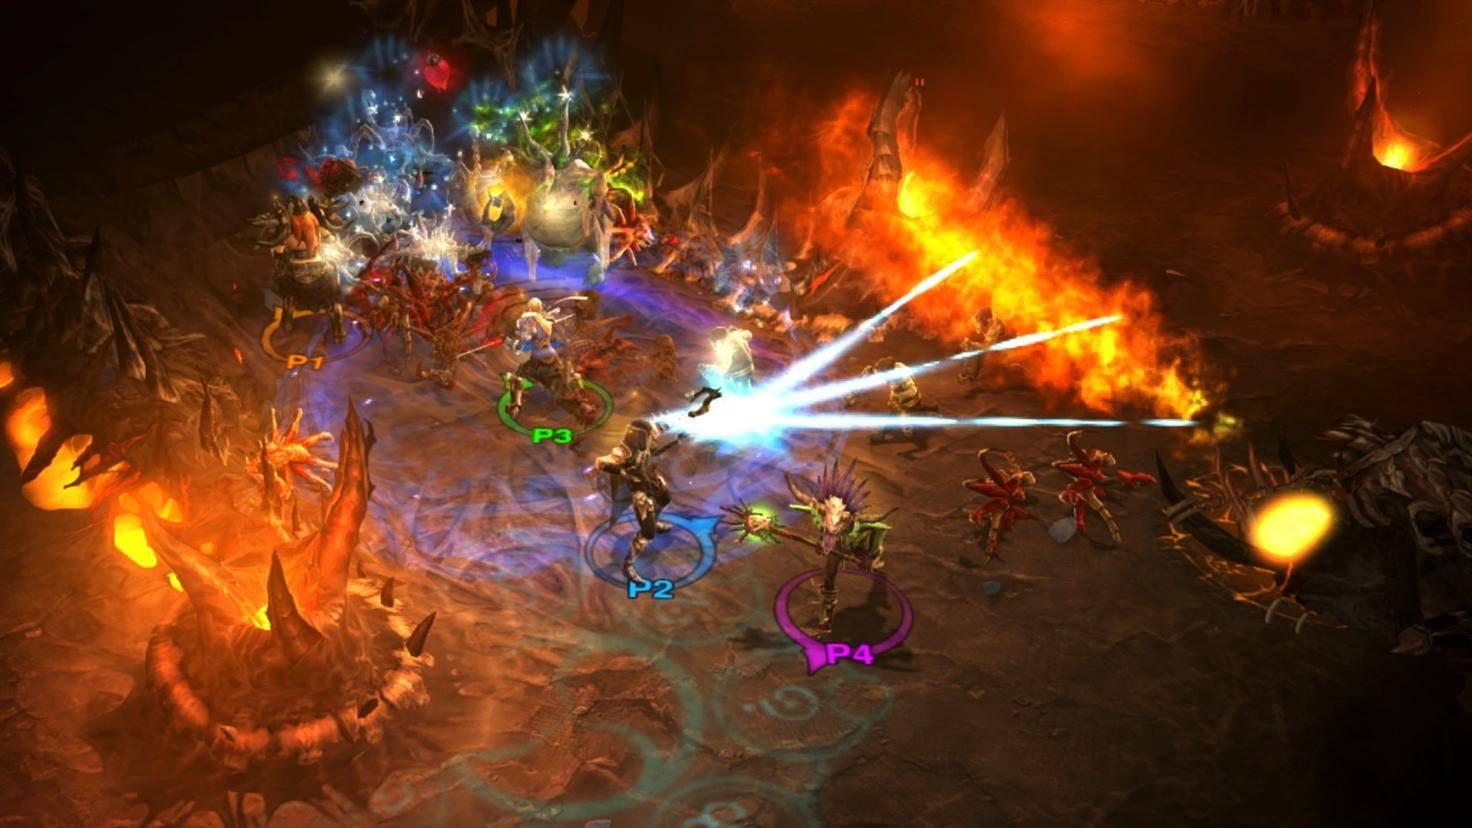 """Wenn jeder seine eigene Switch hat, wird """"Diablo 3"""" nicht so schnell unübersichtlich wie beim Zusammenspielen am selben Bildschirm."""